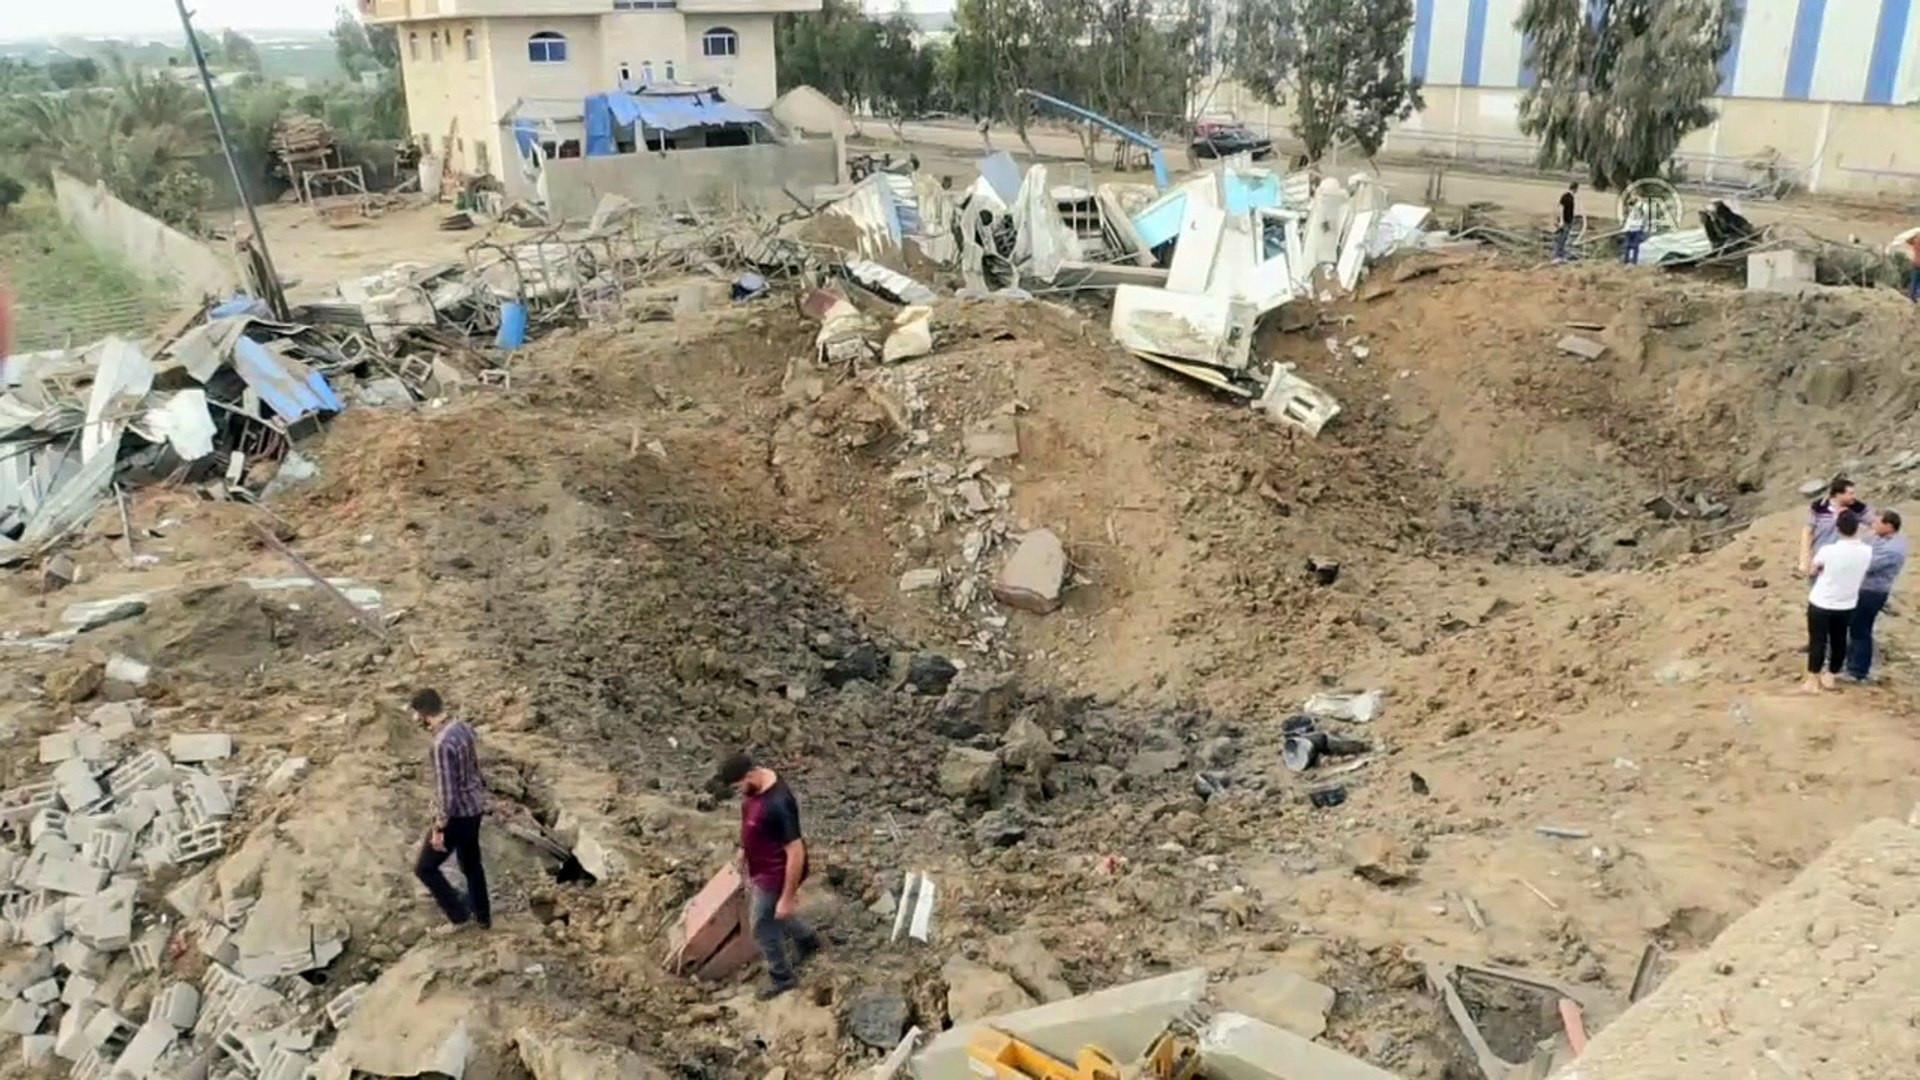 İsrail'den Gazze'ye hava saldırısı: Ölü sayısı 24'e yükseldi